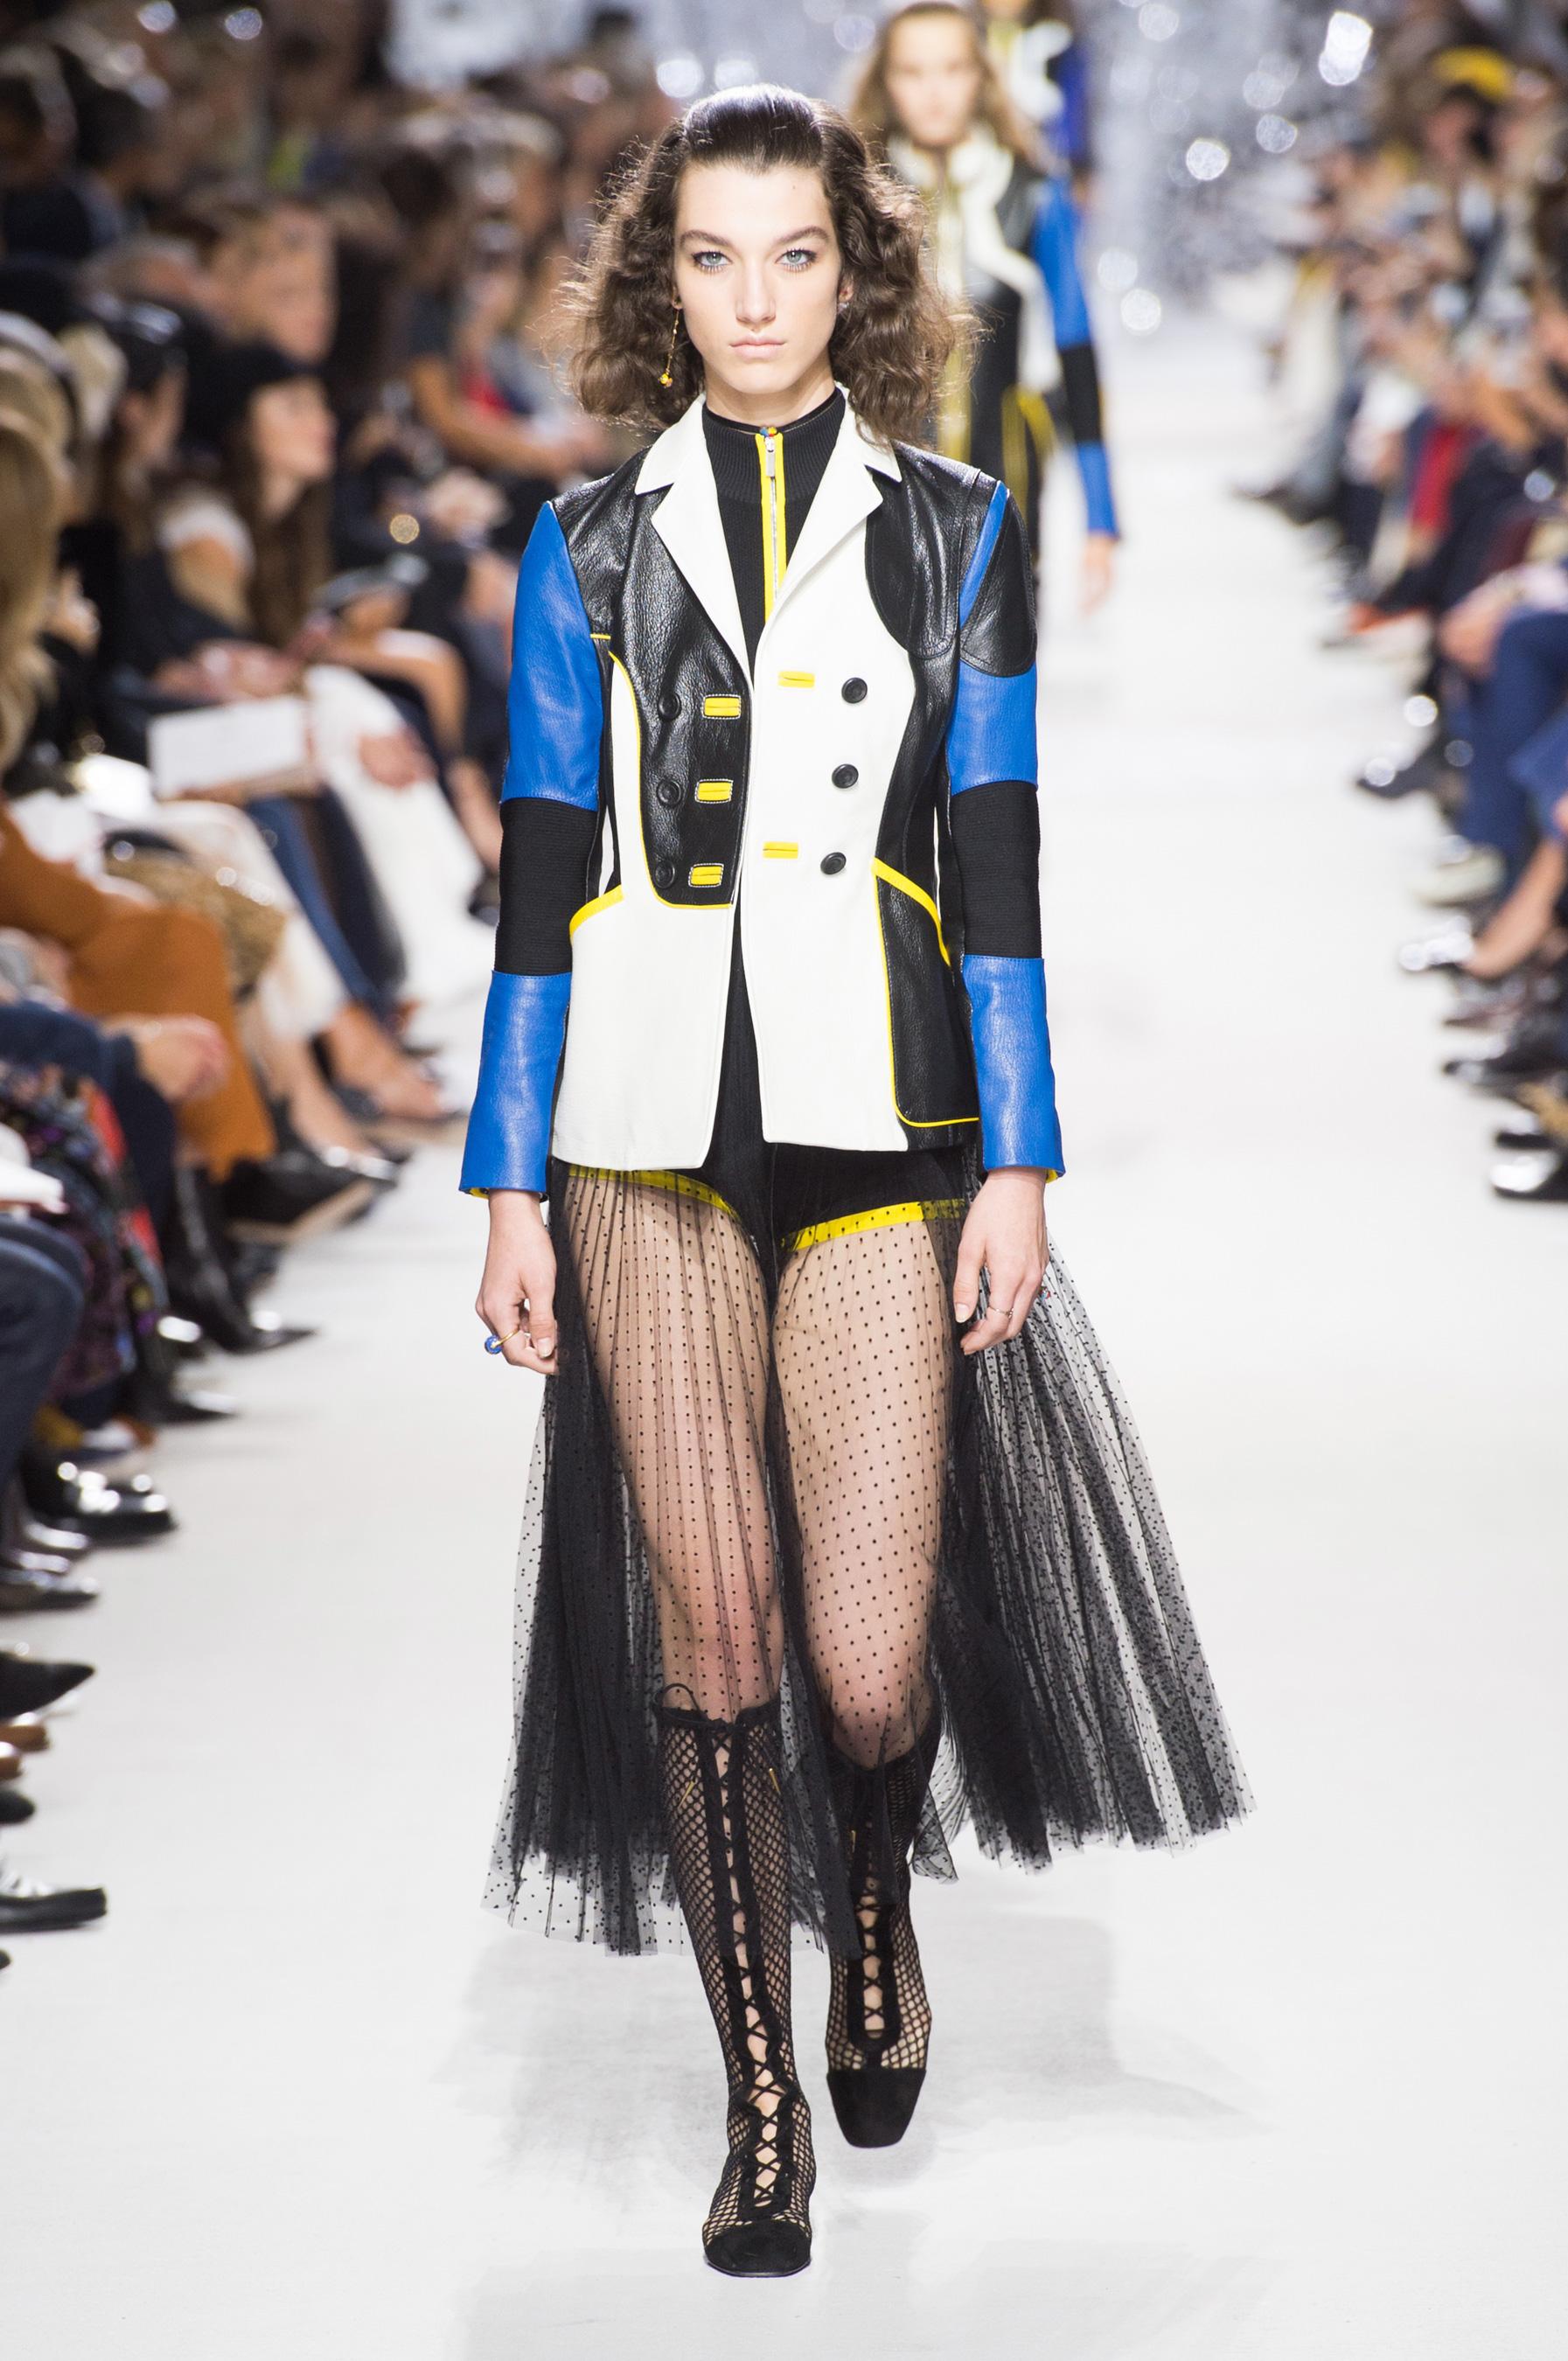 Christian Dior весна лето 2018 пиджак кожаный